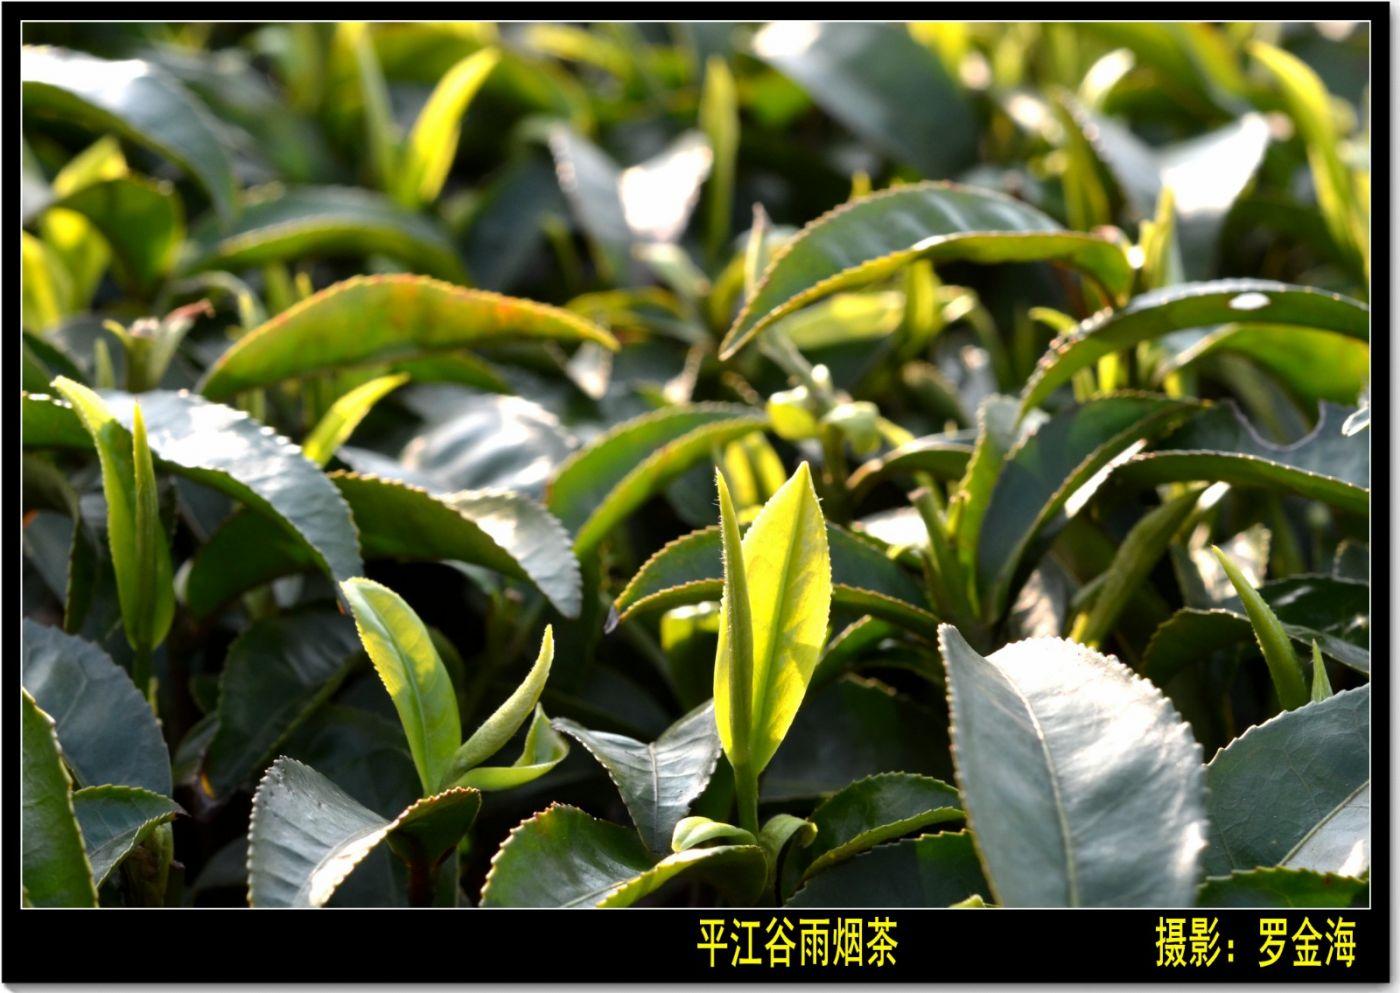 平江烟茶赋(古典诗词)_图1-5